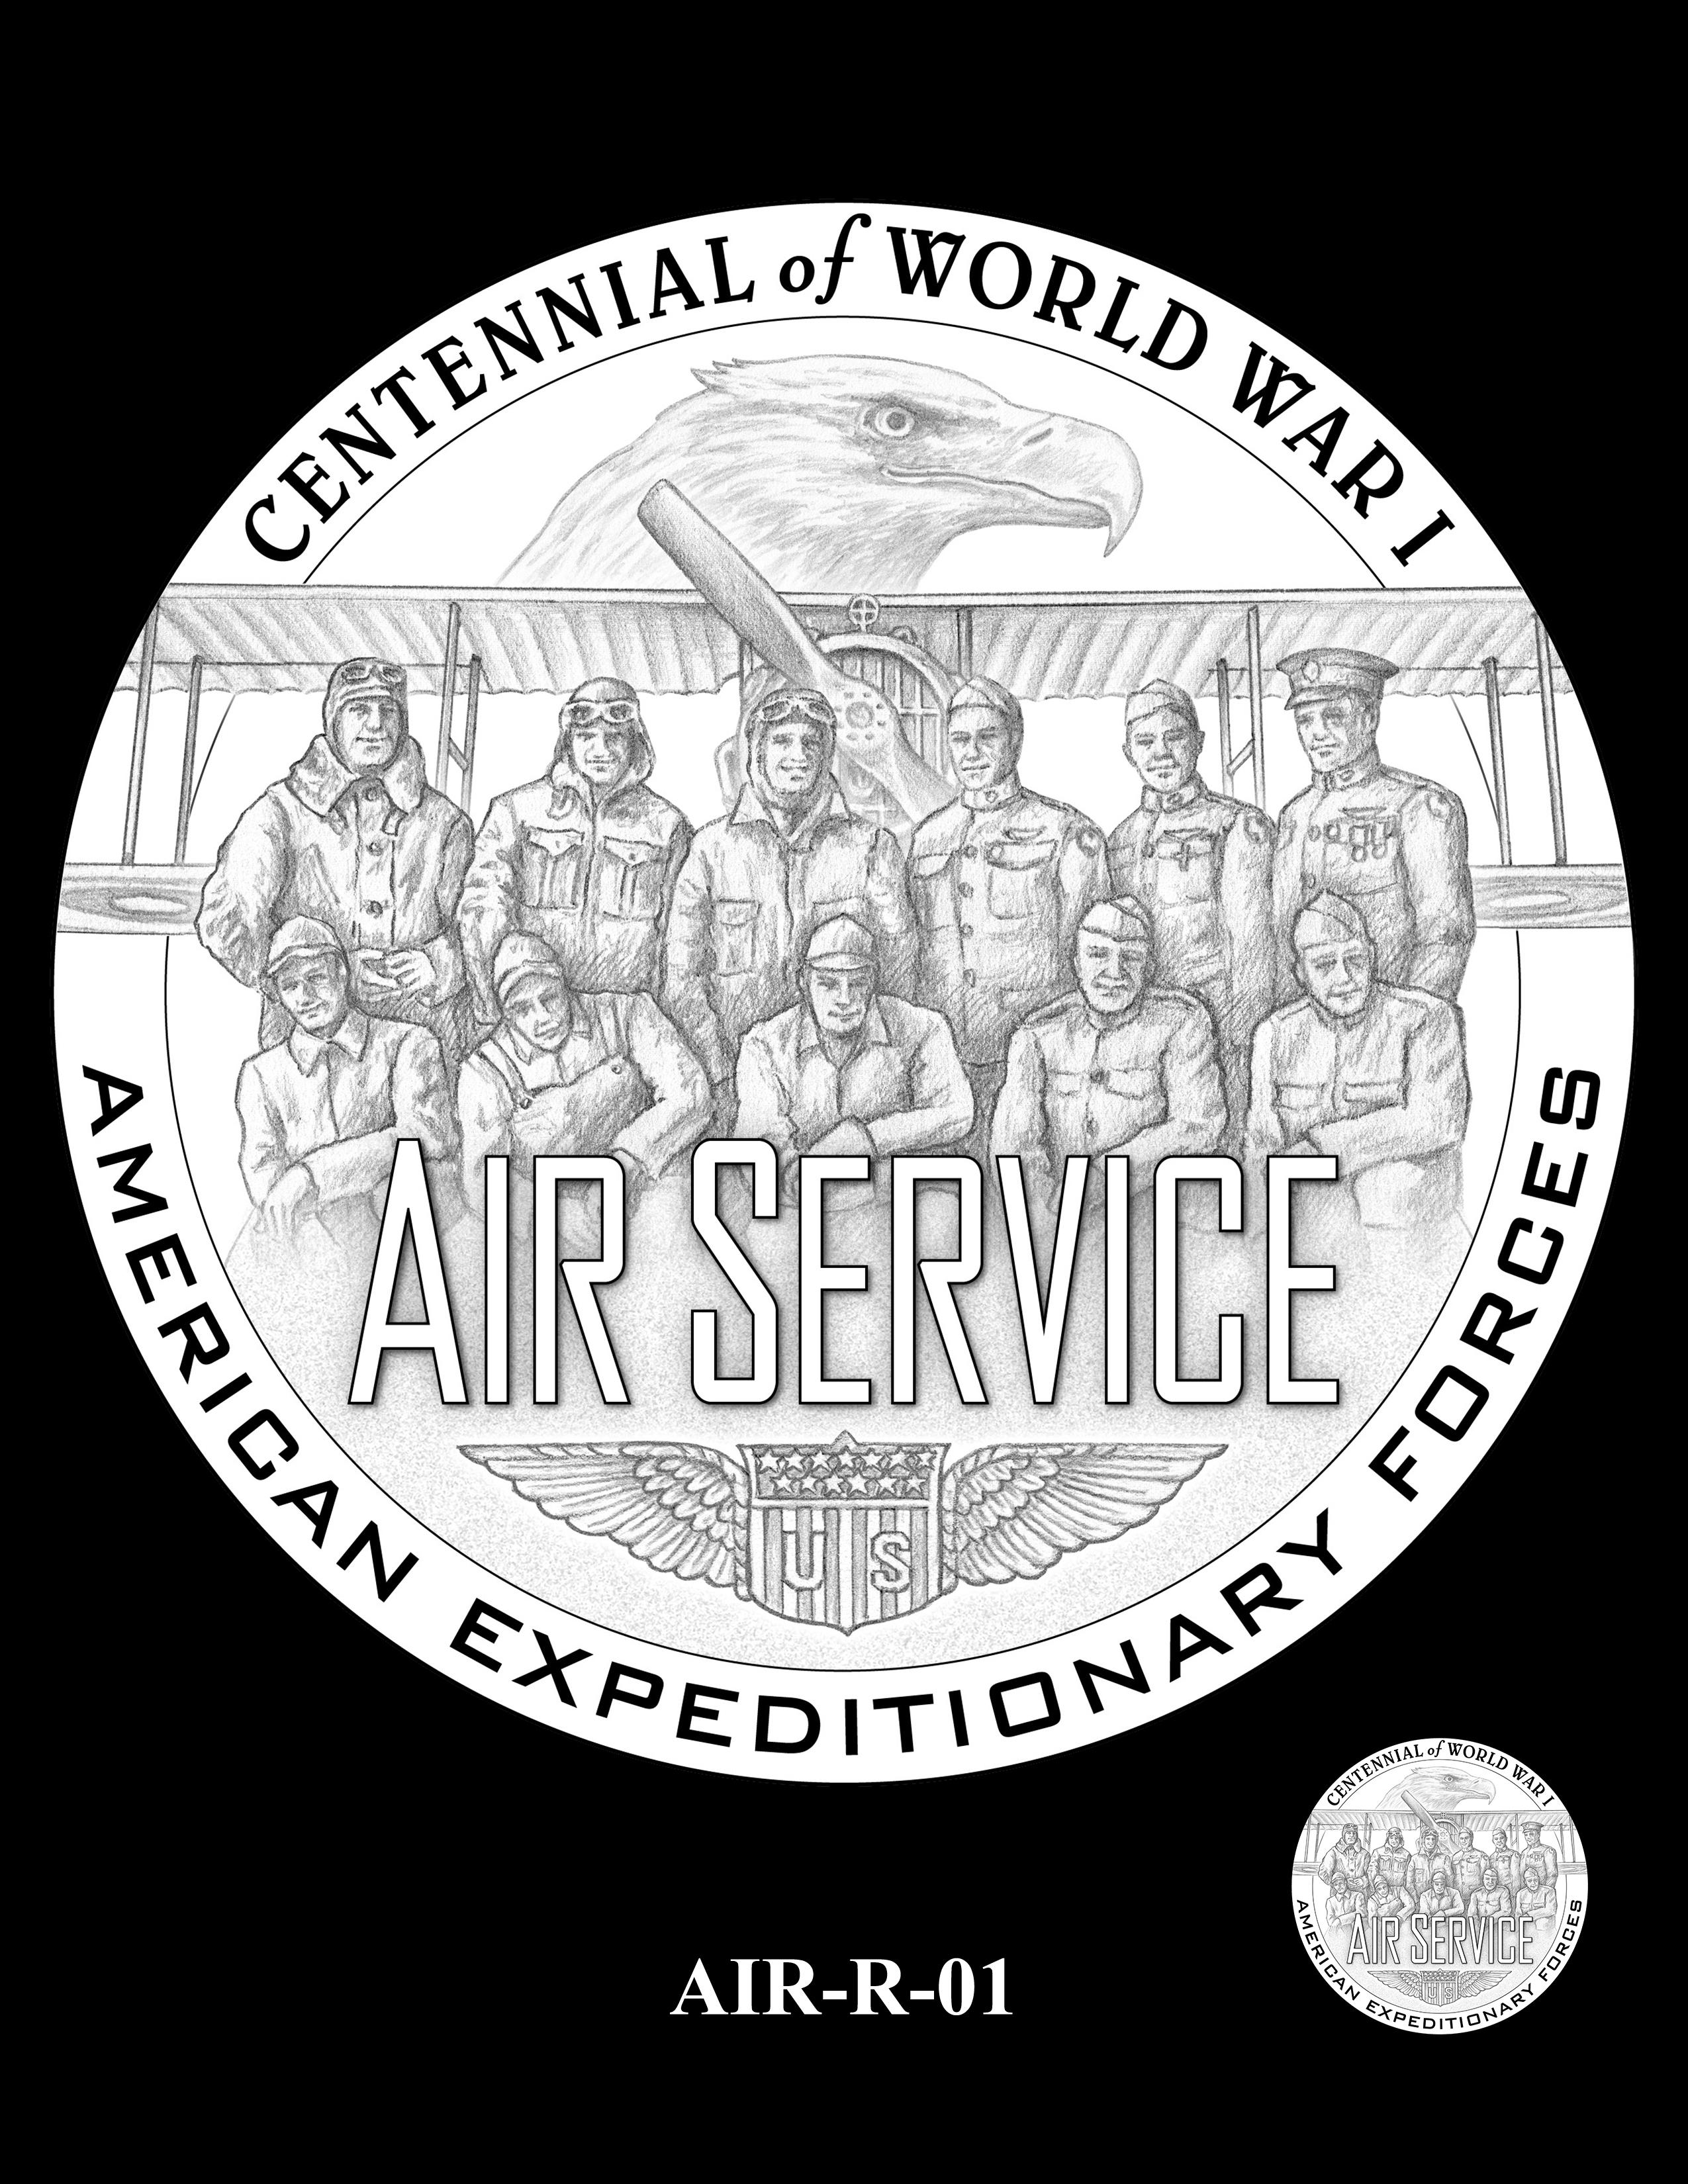 P1-AIR-R-01 -- 2018-World War I Silver Medals - Air Service